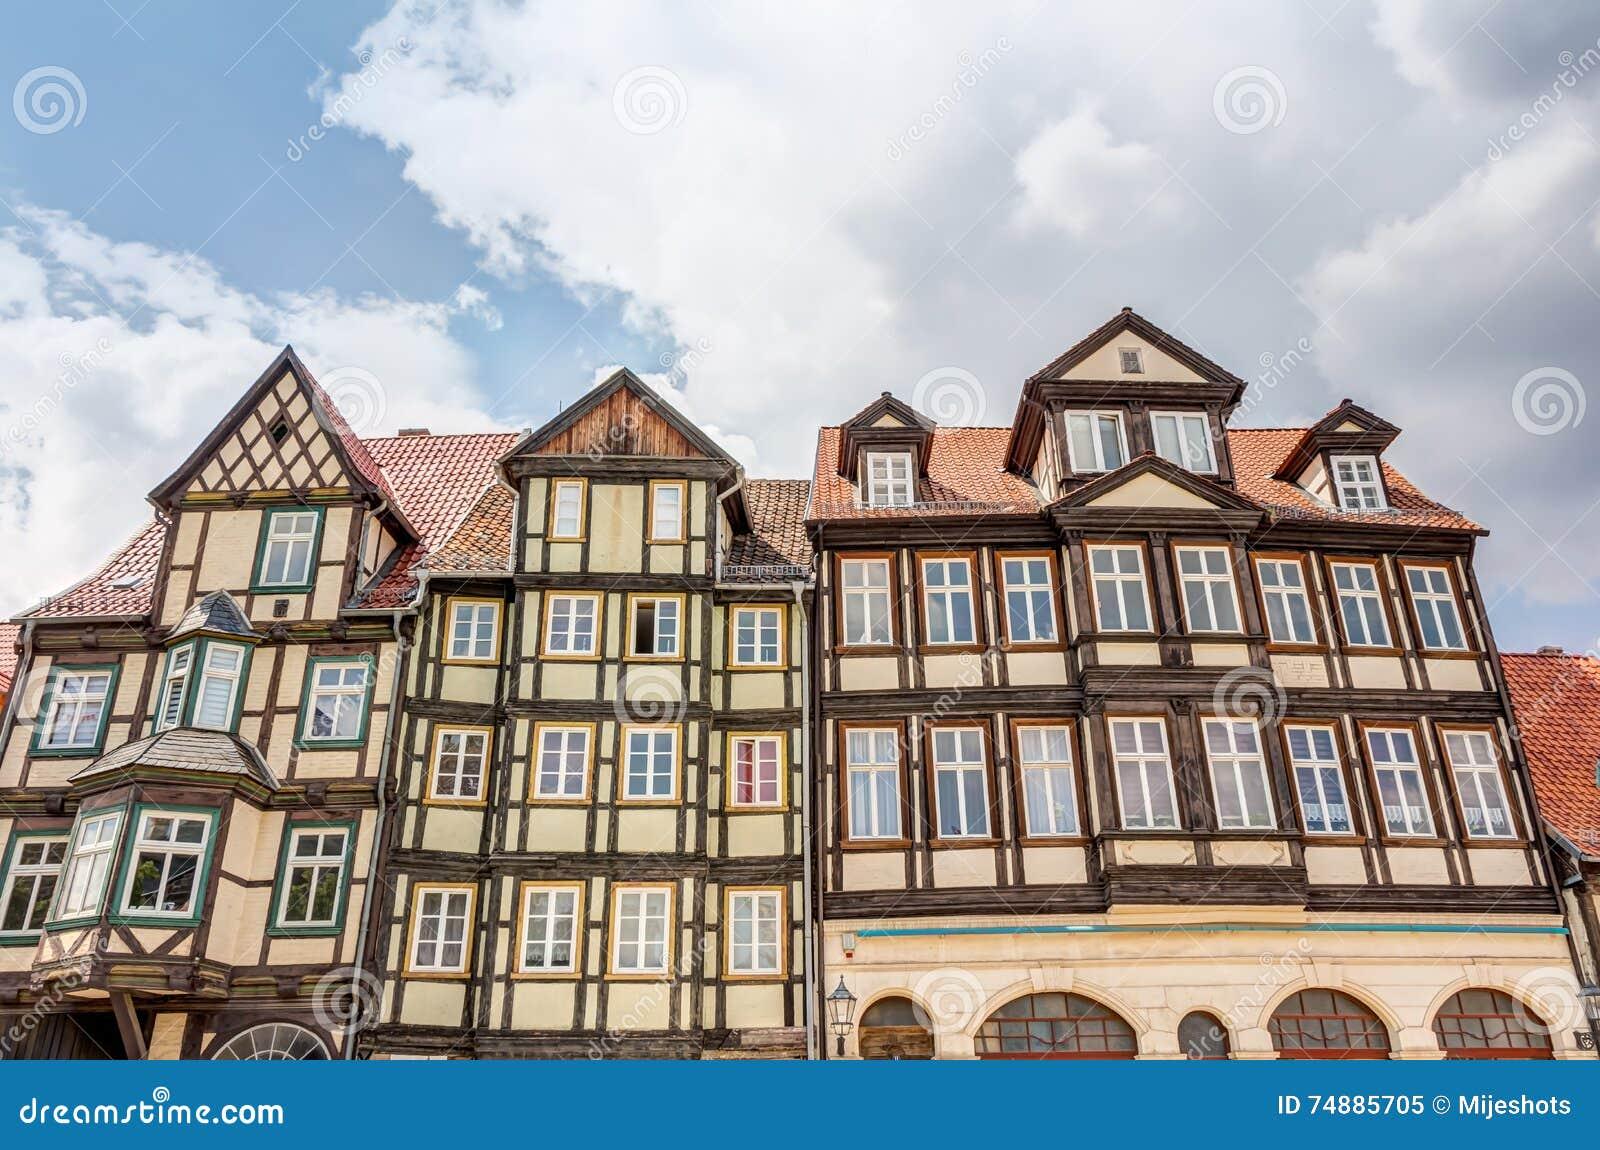 Casas Metade-suportadas em Quedlinburg, Alemanha